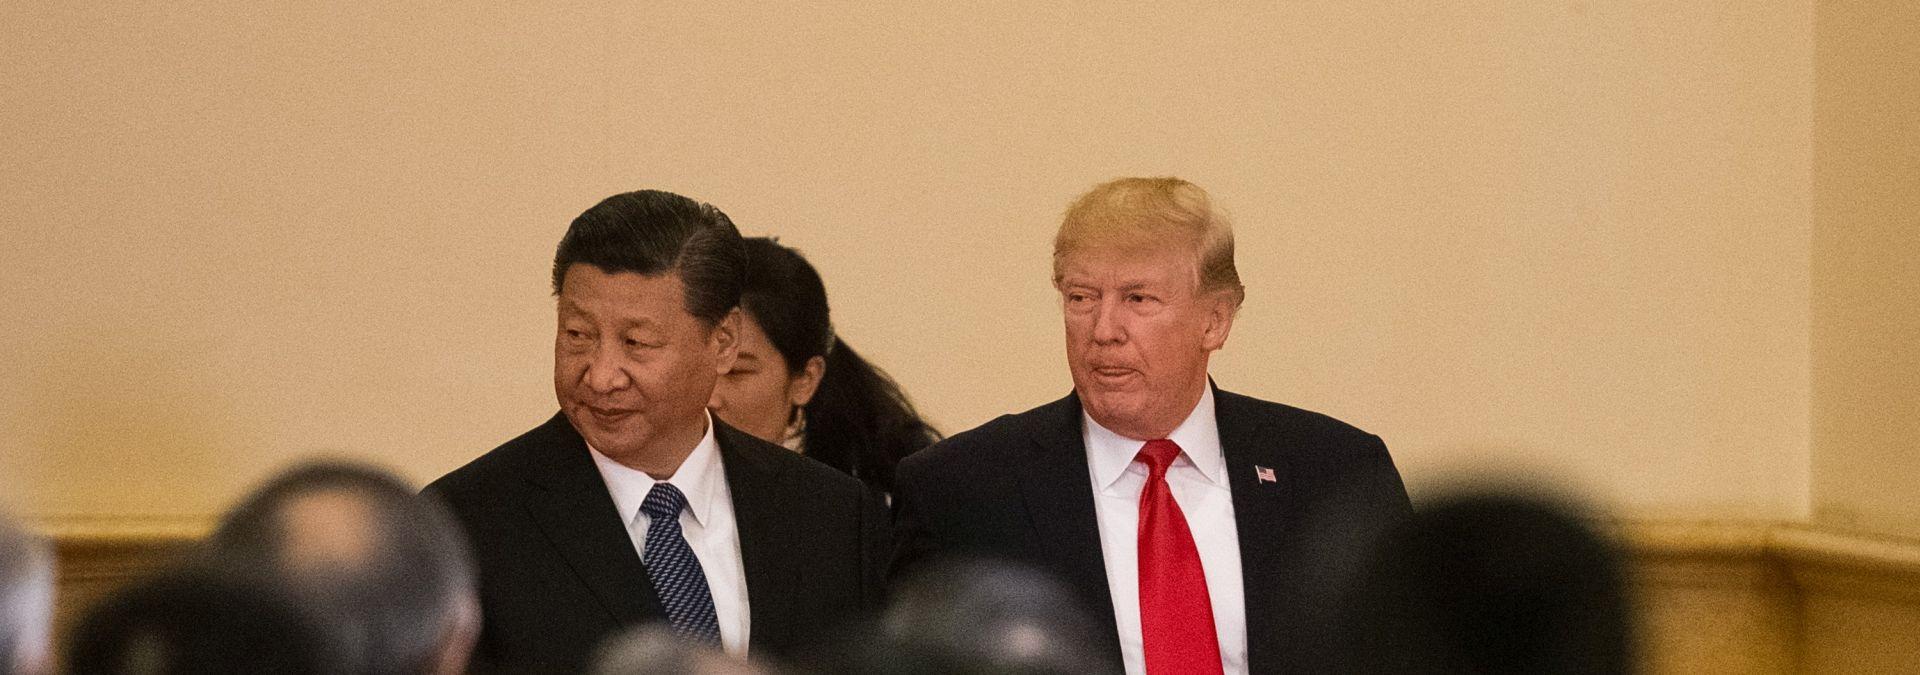 Kina obećala otvoriti svoje gospodarstvo i smanjiti carine